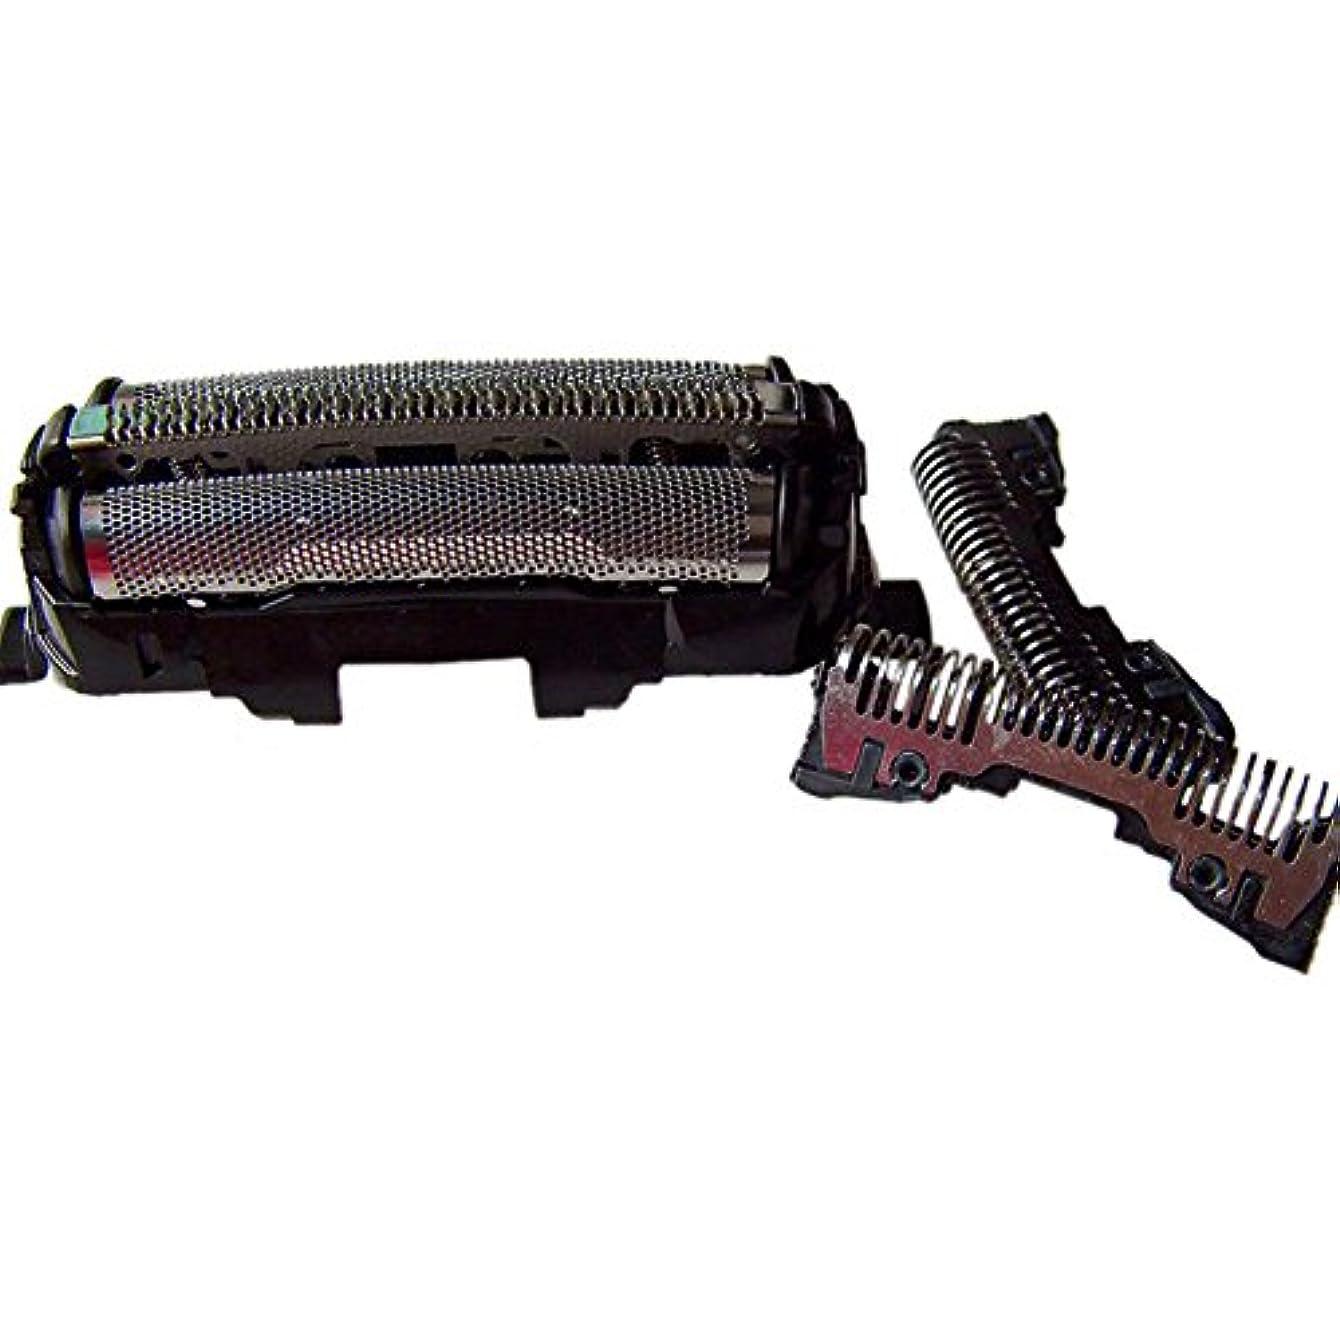 ハリケーン更新するにおいHzjundasi シェーバーパーツ 部品 外刃 内刃 ロータリー式シェーバー替刃 耐用 高質量 for Panasonic ES9087 ES8113 ES8116 ES-LT22/LT31